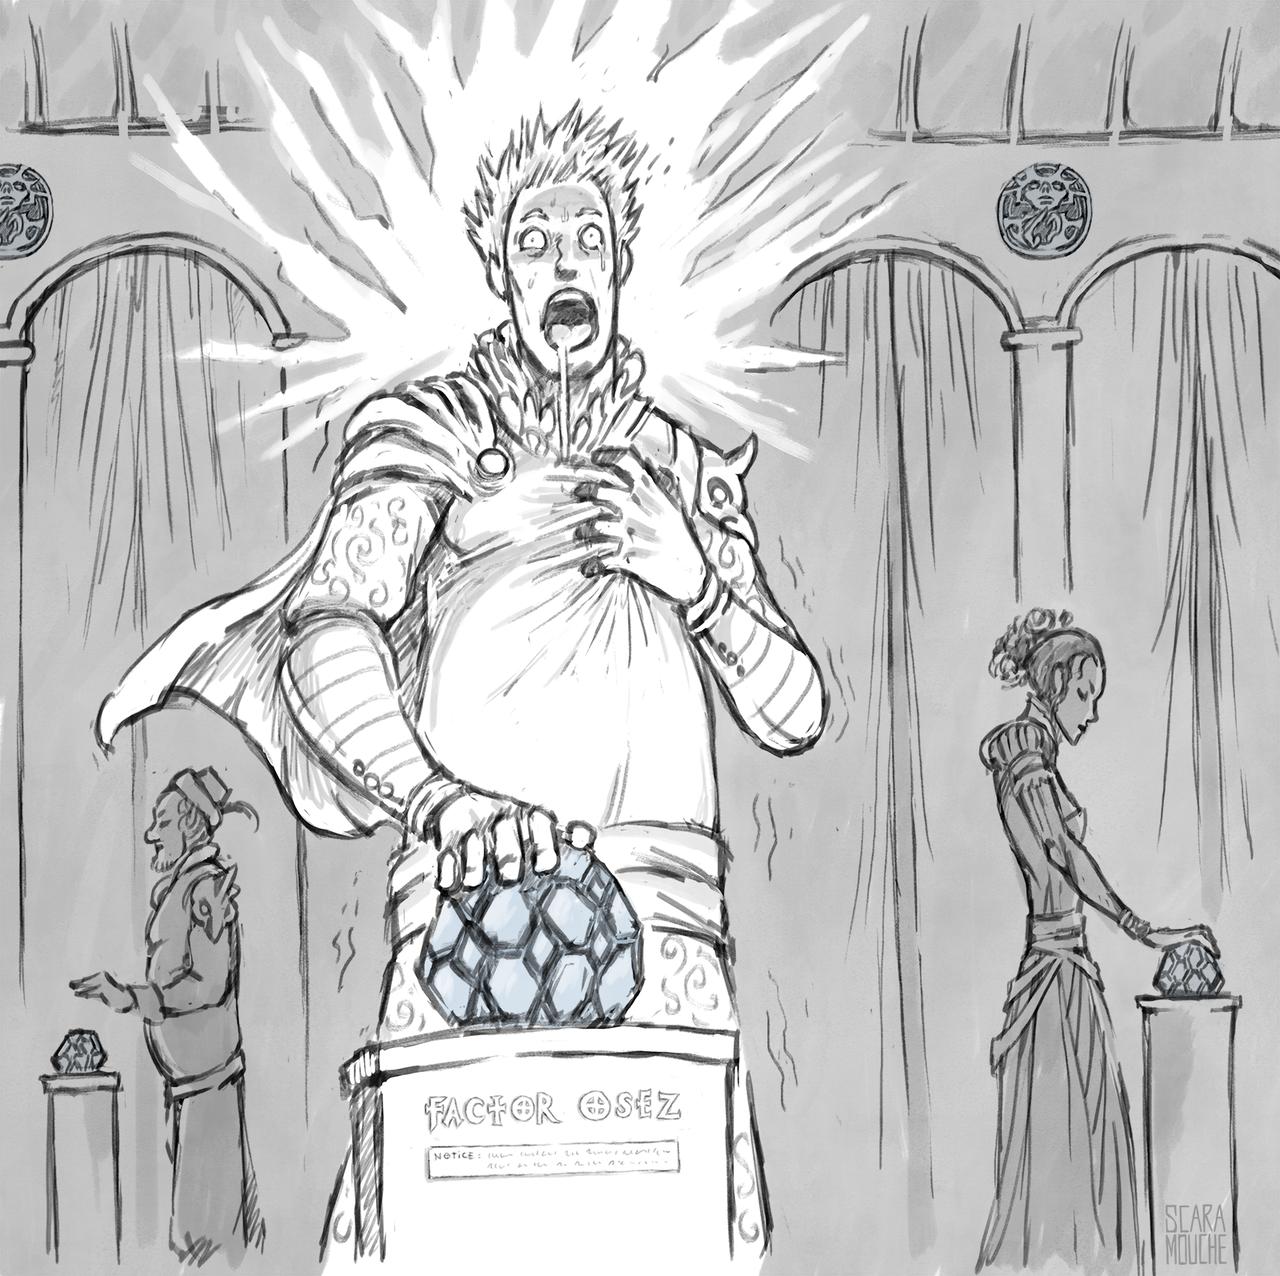 """saintrabouin Scara Mouche """"The Chant of Sigil: Factor Osez Notice"""", attenzione, certe pietre sensoriali potrebbero avere controindicazioni - by Baptiste (Scara Mouche) saintrabouin.tumblr.com (2018-12) © dell'autore tutti i diritti riservati"""